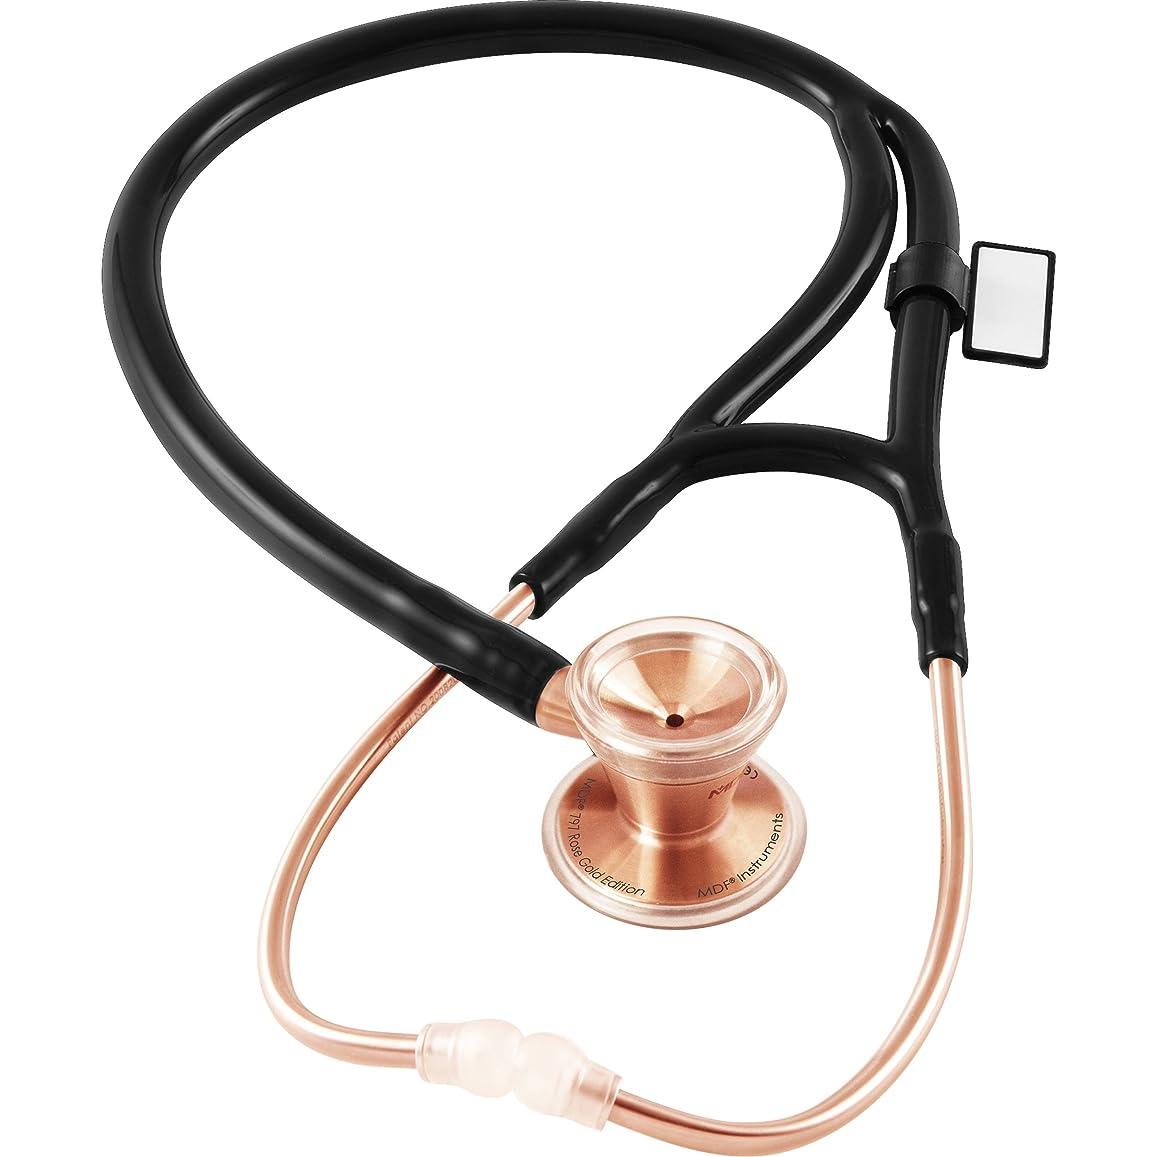 大学院に賛成地平線MDF クラシックカーディオロジーデュアルヘッド聴診器 - ローズゴールド - ブラック(MDF797RG11) ステンレススチールチェストピース及びヘッドセット付- フリーパーツライフ&ライフタイム保証